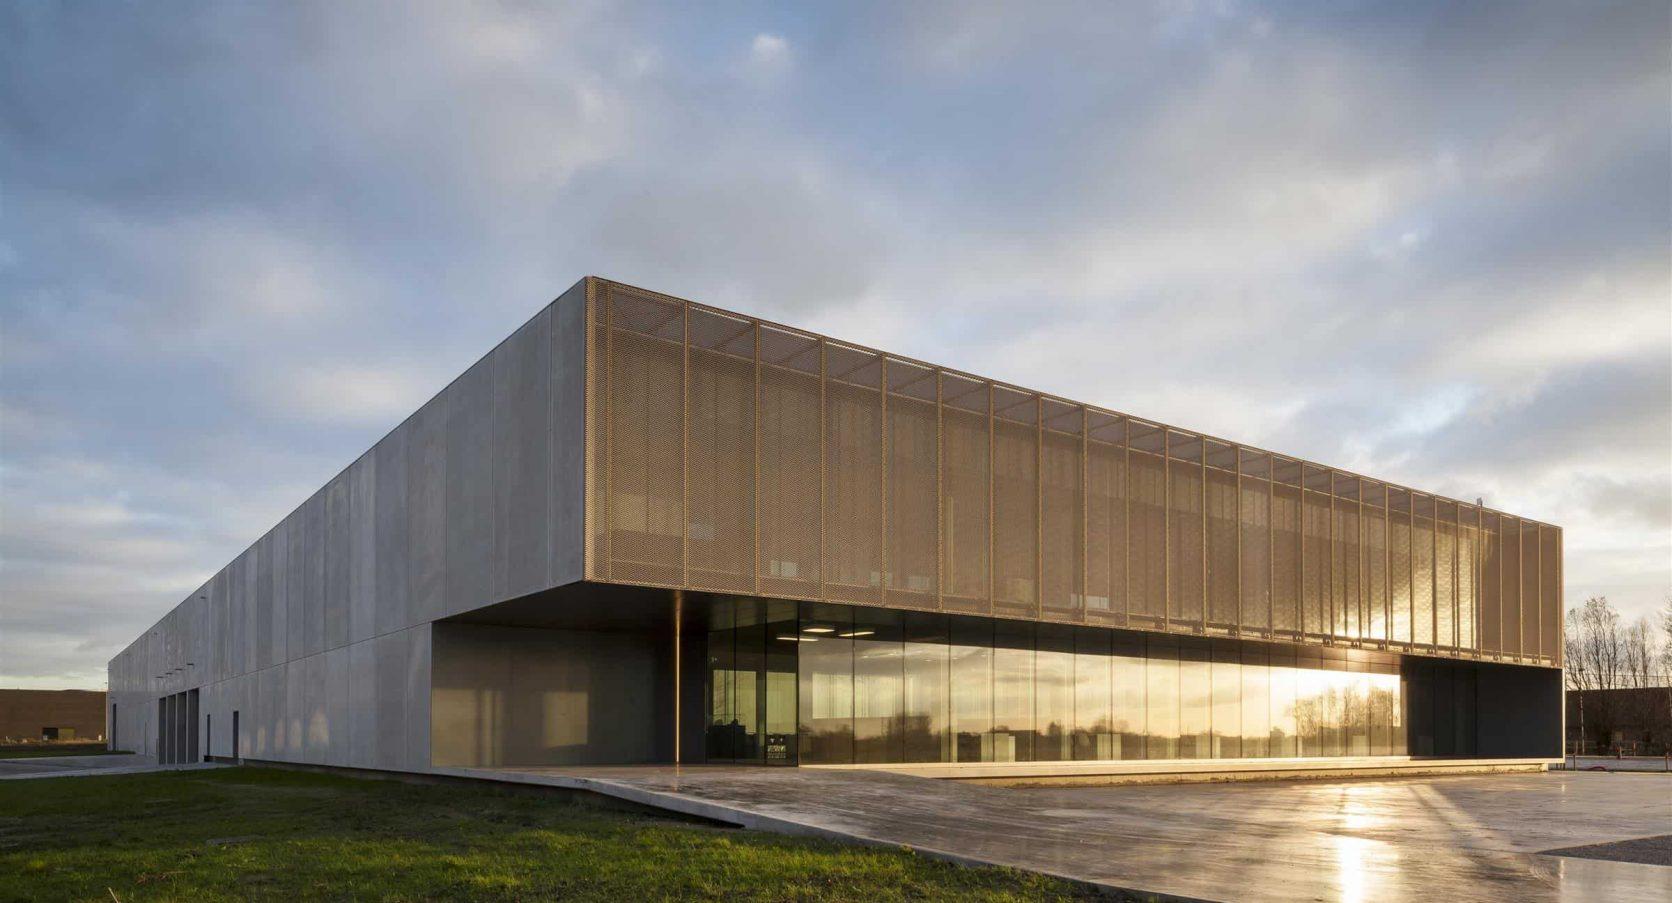 Strekmetalen gevelbekleding van het gebouw ROB te Ardooie in België